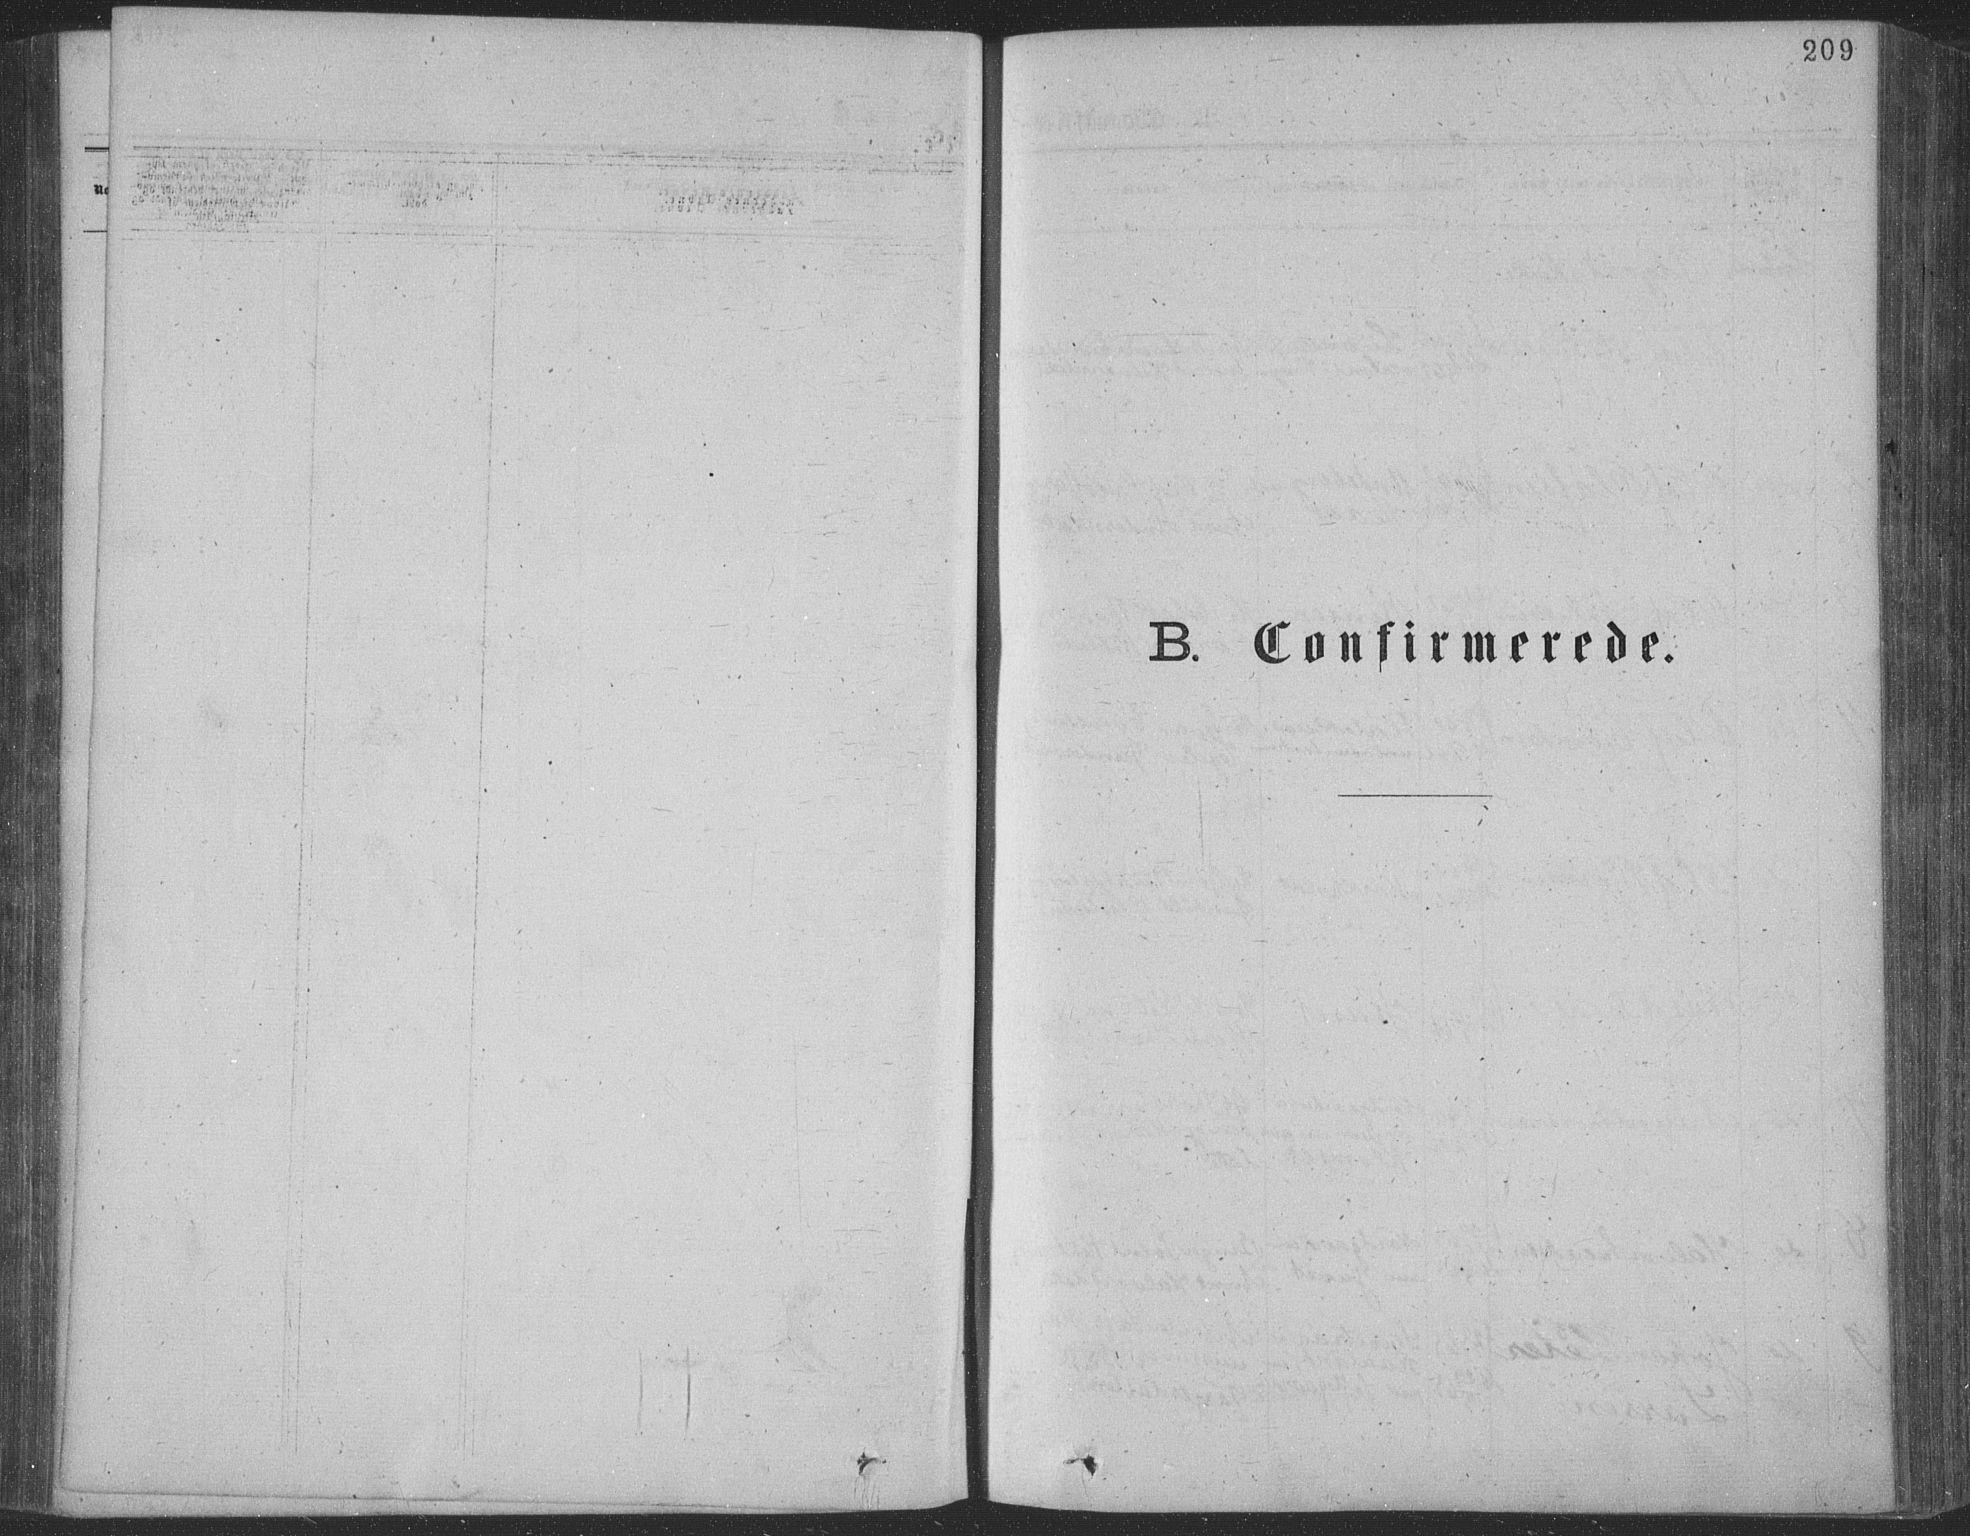 SAKO, Seljord kirkebøker, F/Fa/L0014: Ministerialbok nr. I 14, 1877-1886, s. 209